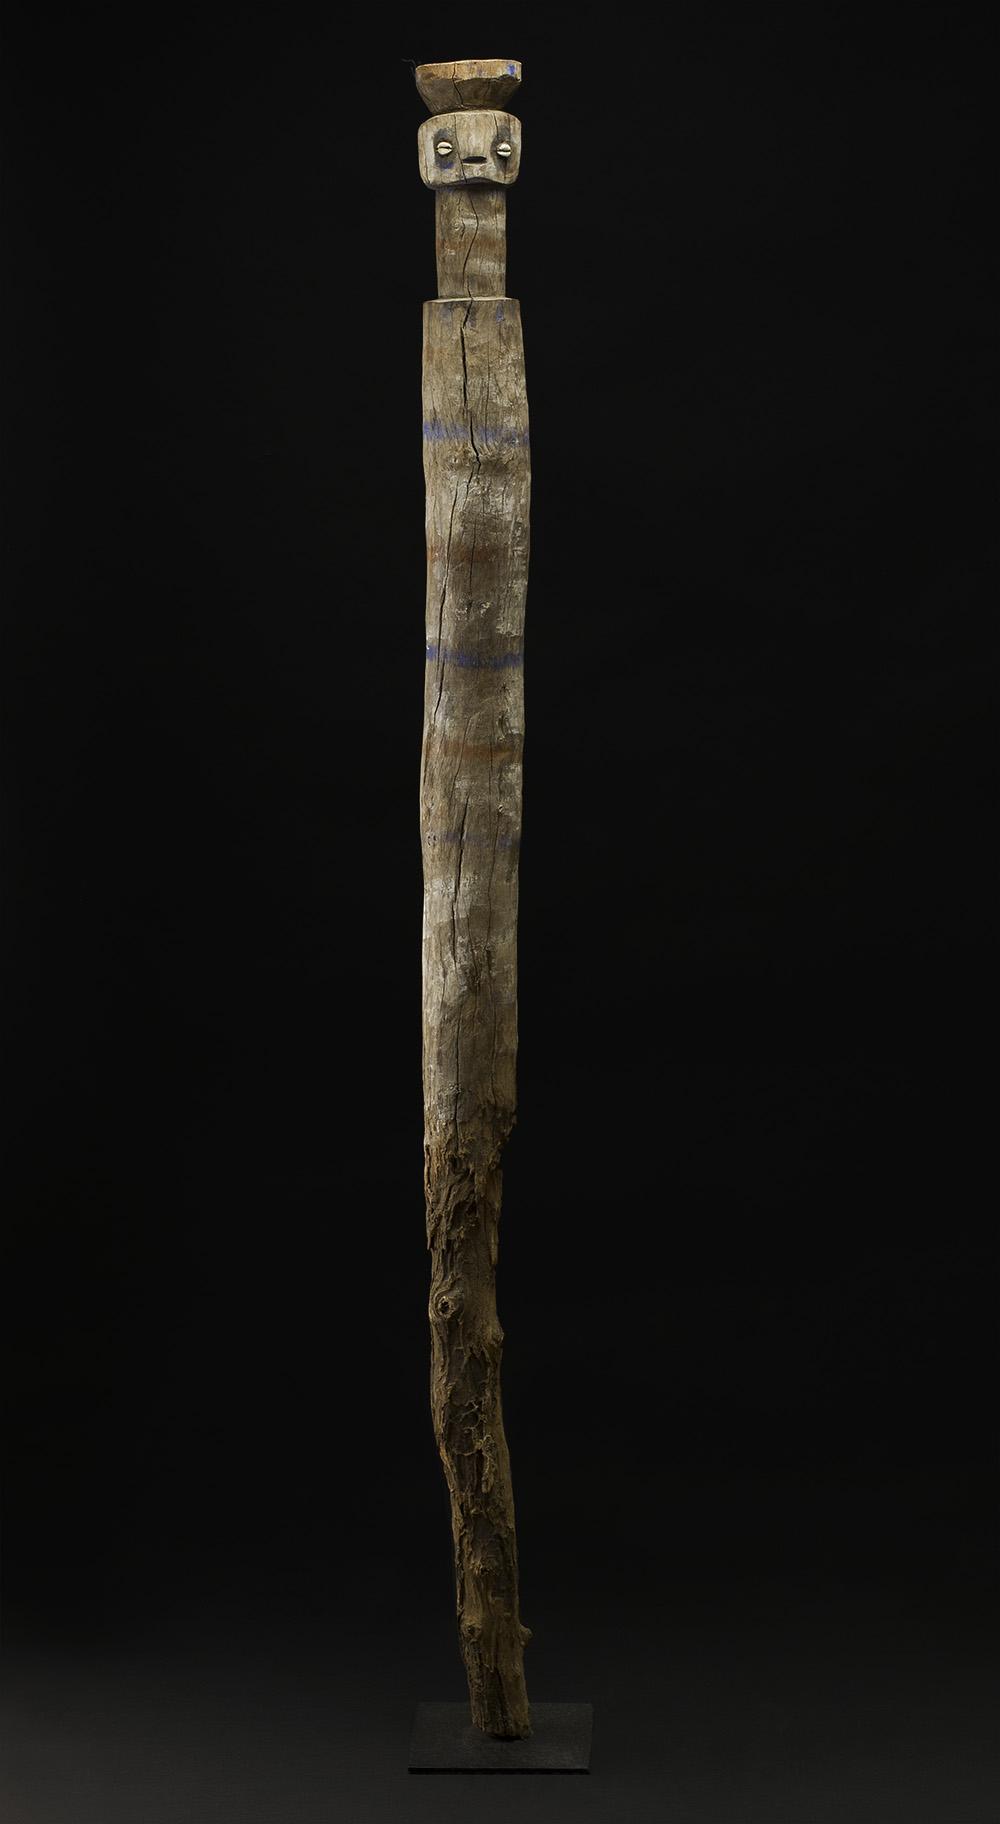 Africa    Bocio - Ewe/Adan People - Togo  , Mid. 20th C. Wood, shells, pigments 55.5 x 3.5 x 3.5 inches 141 x 8.9 x 8.9 cm Af 302